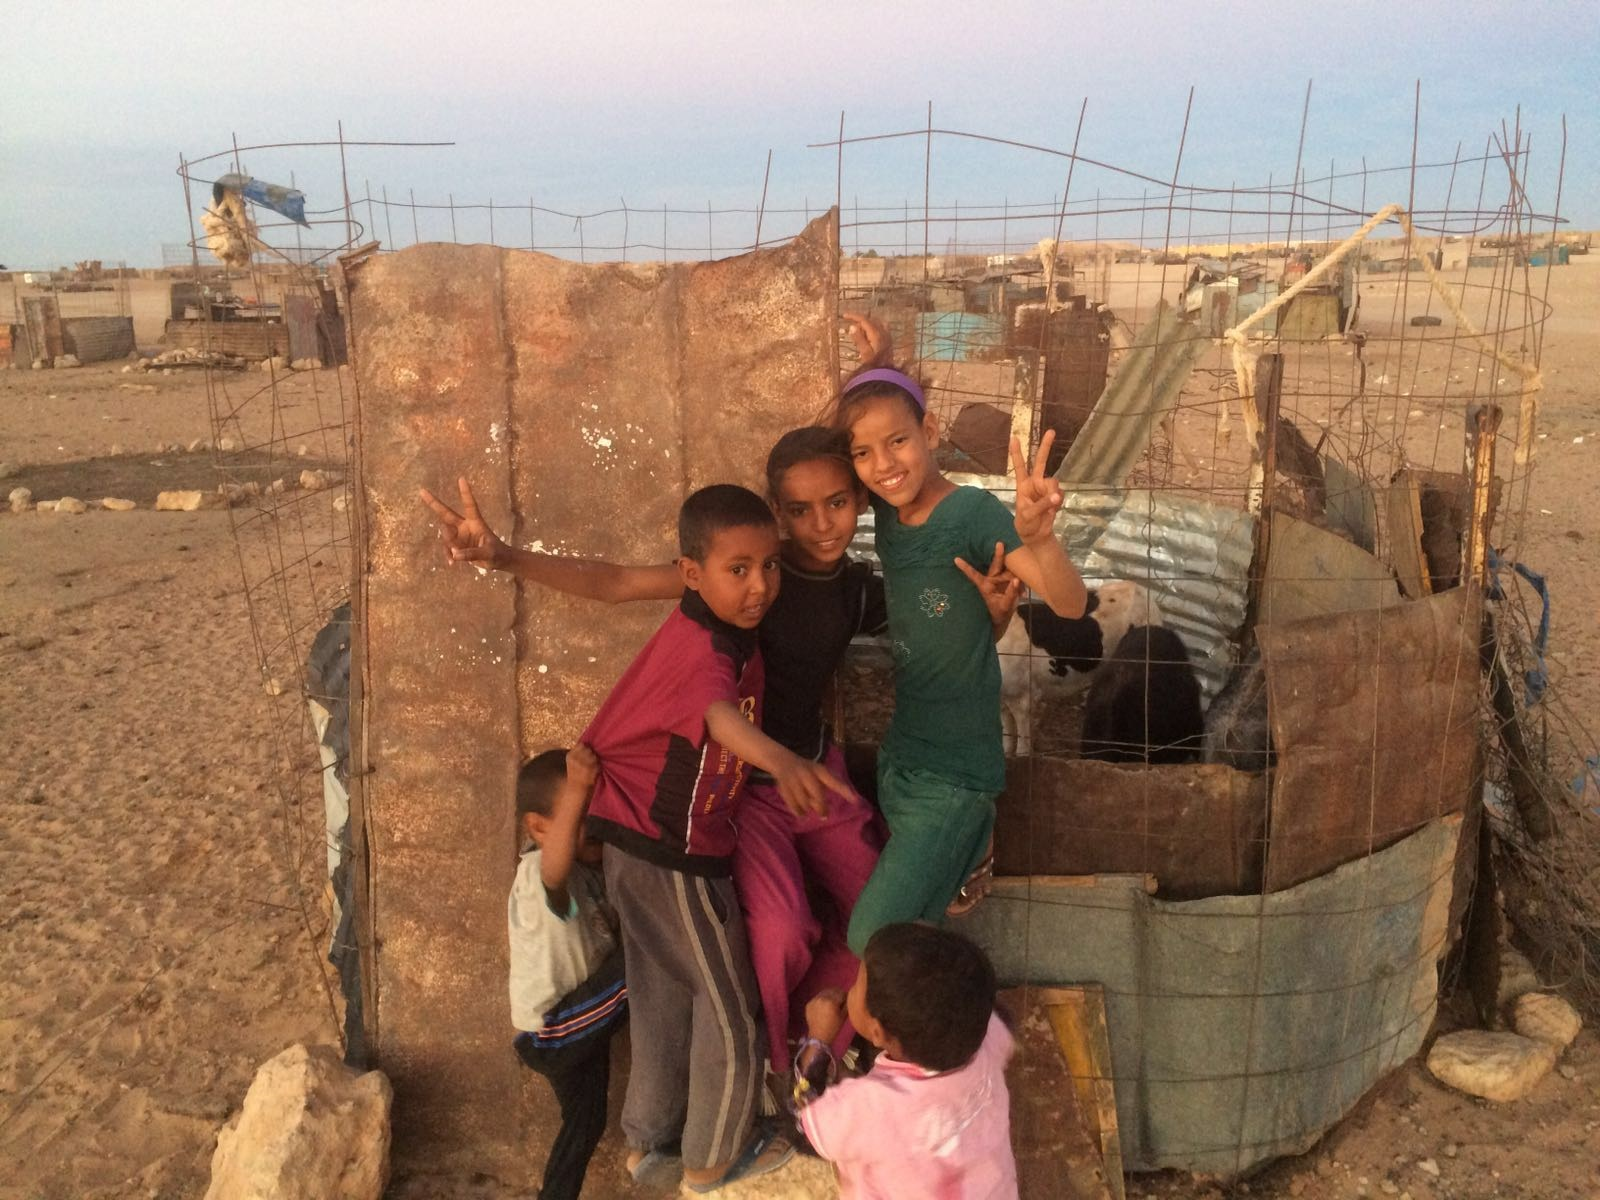 Fatimetu com sua família no acampamento de refugiados na Argélia. Foto Arquivo Pessoal